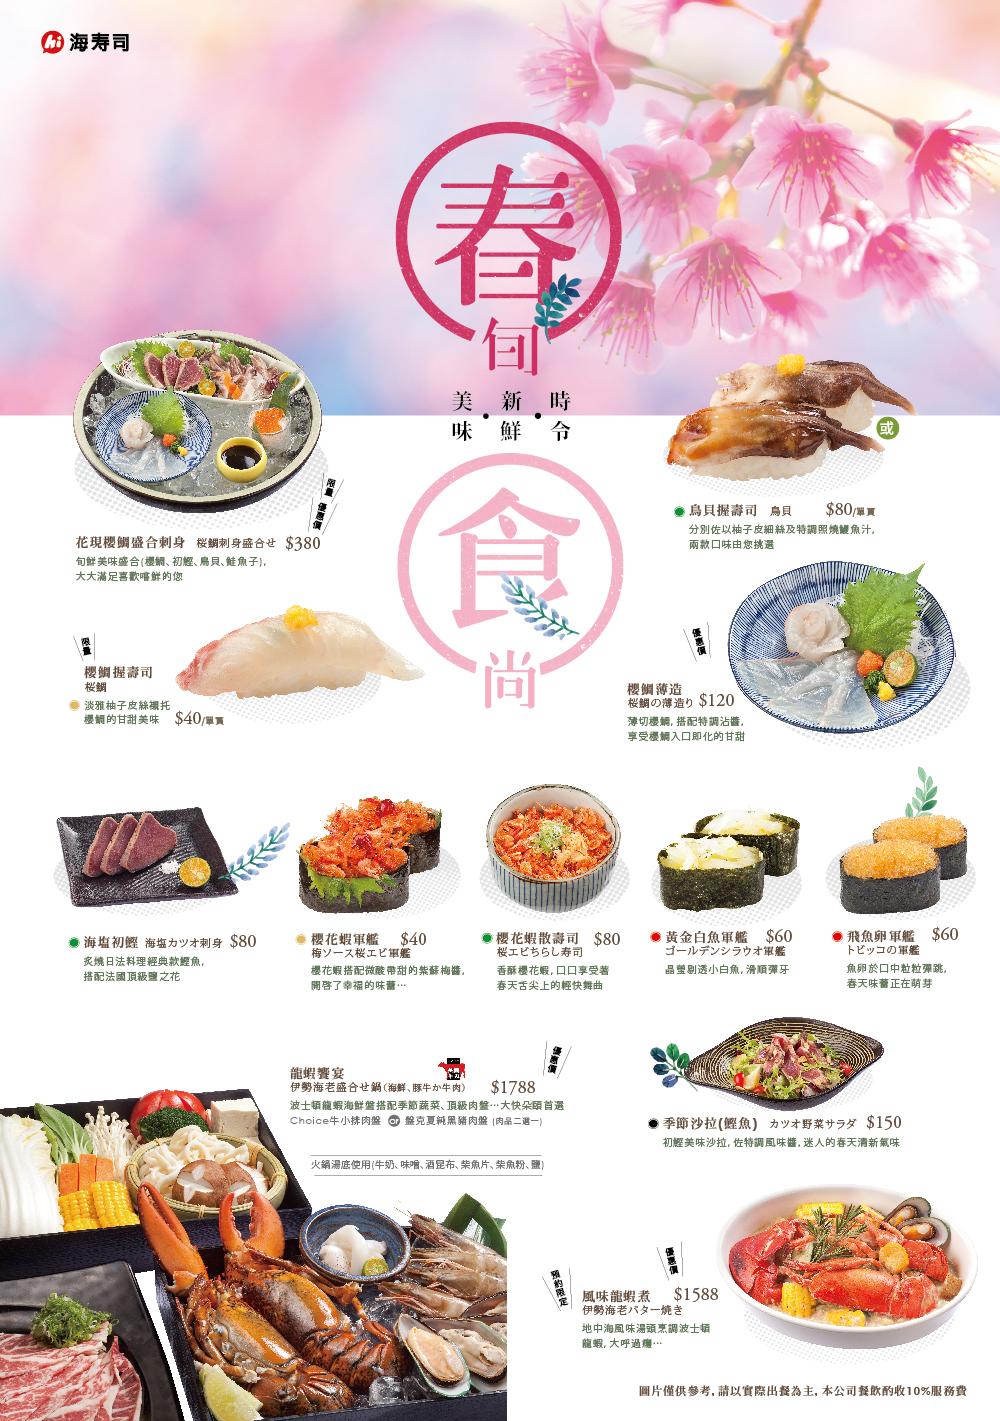 3/22春旬食尚新菜上市